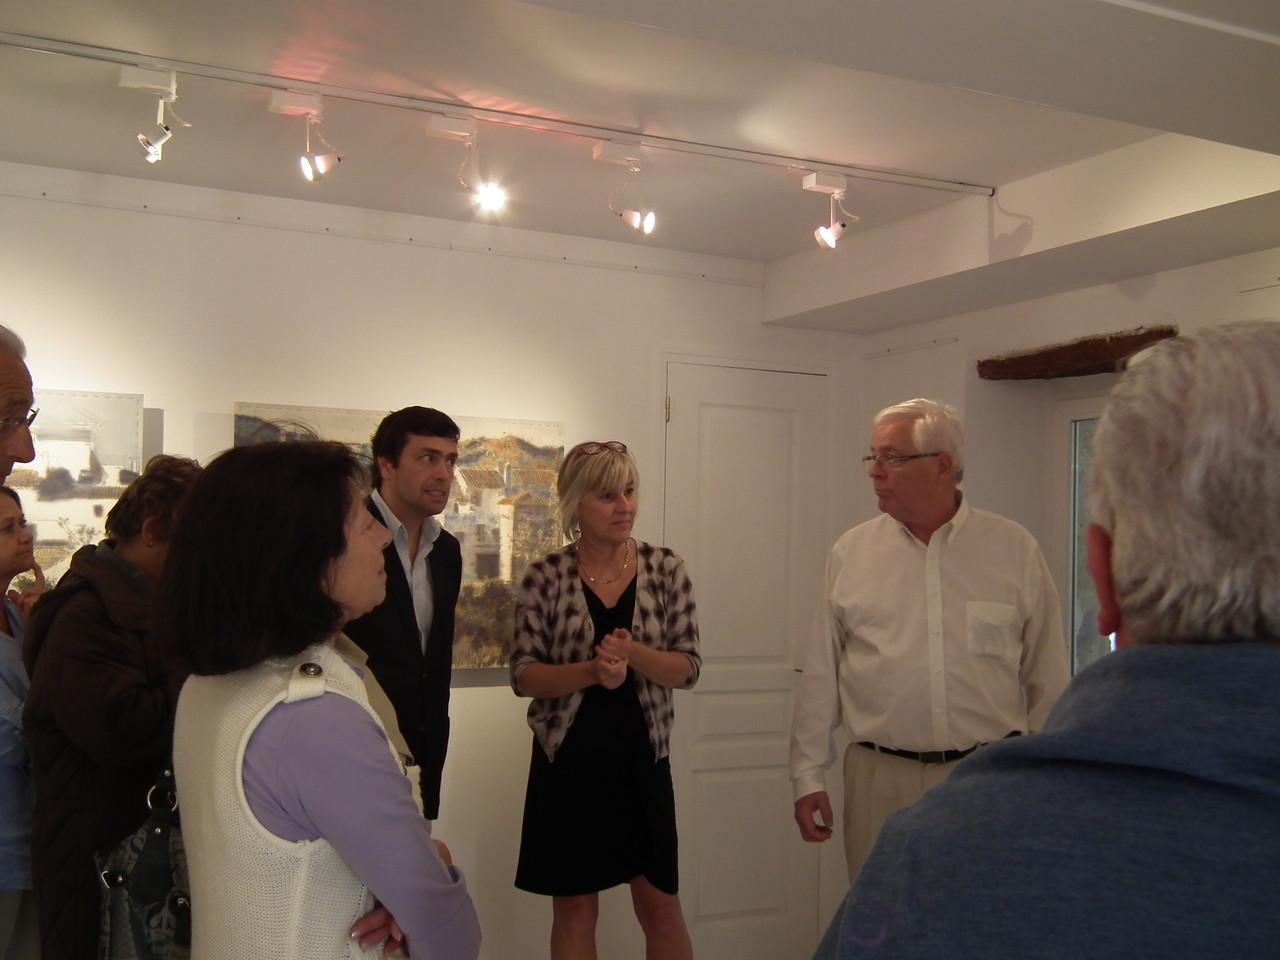 Presentación de Sylvie Sapone, la galerista.